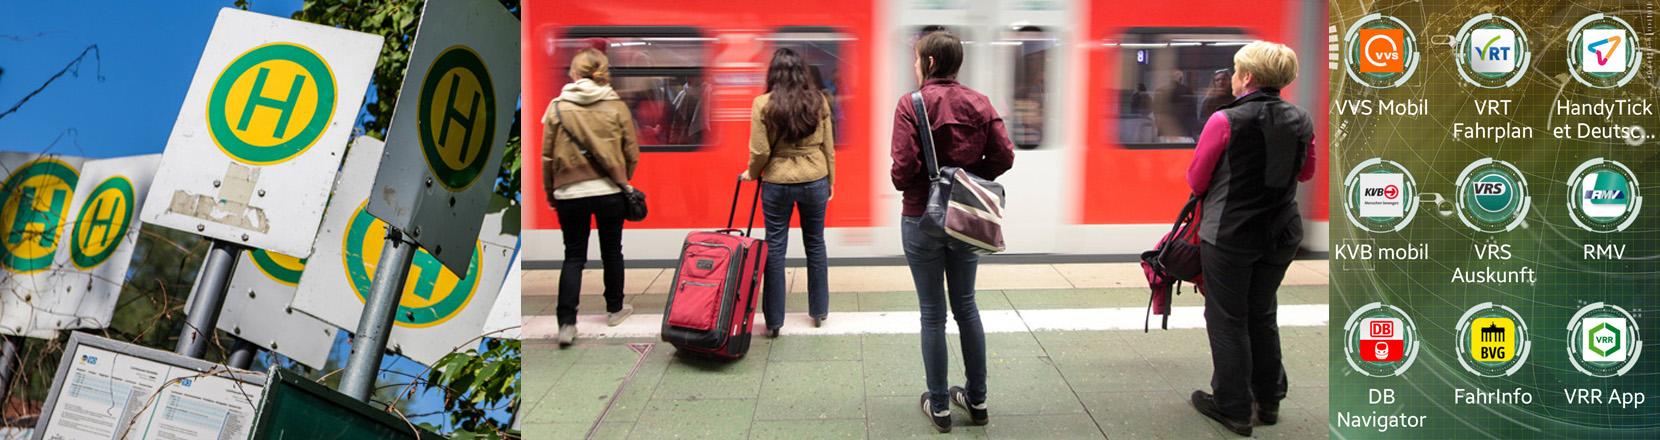 Haltestellenschilder, wartende Menschen vor einer Bahn, Reise-Apps auf einem Display